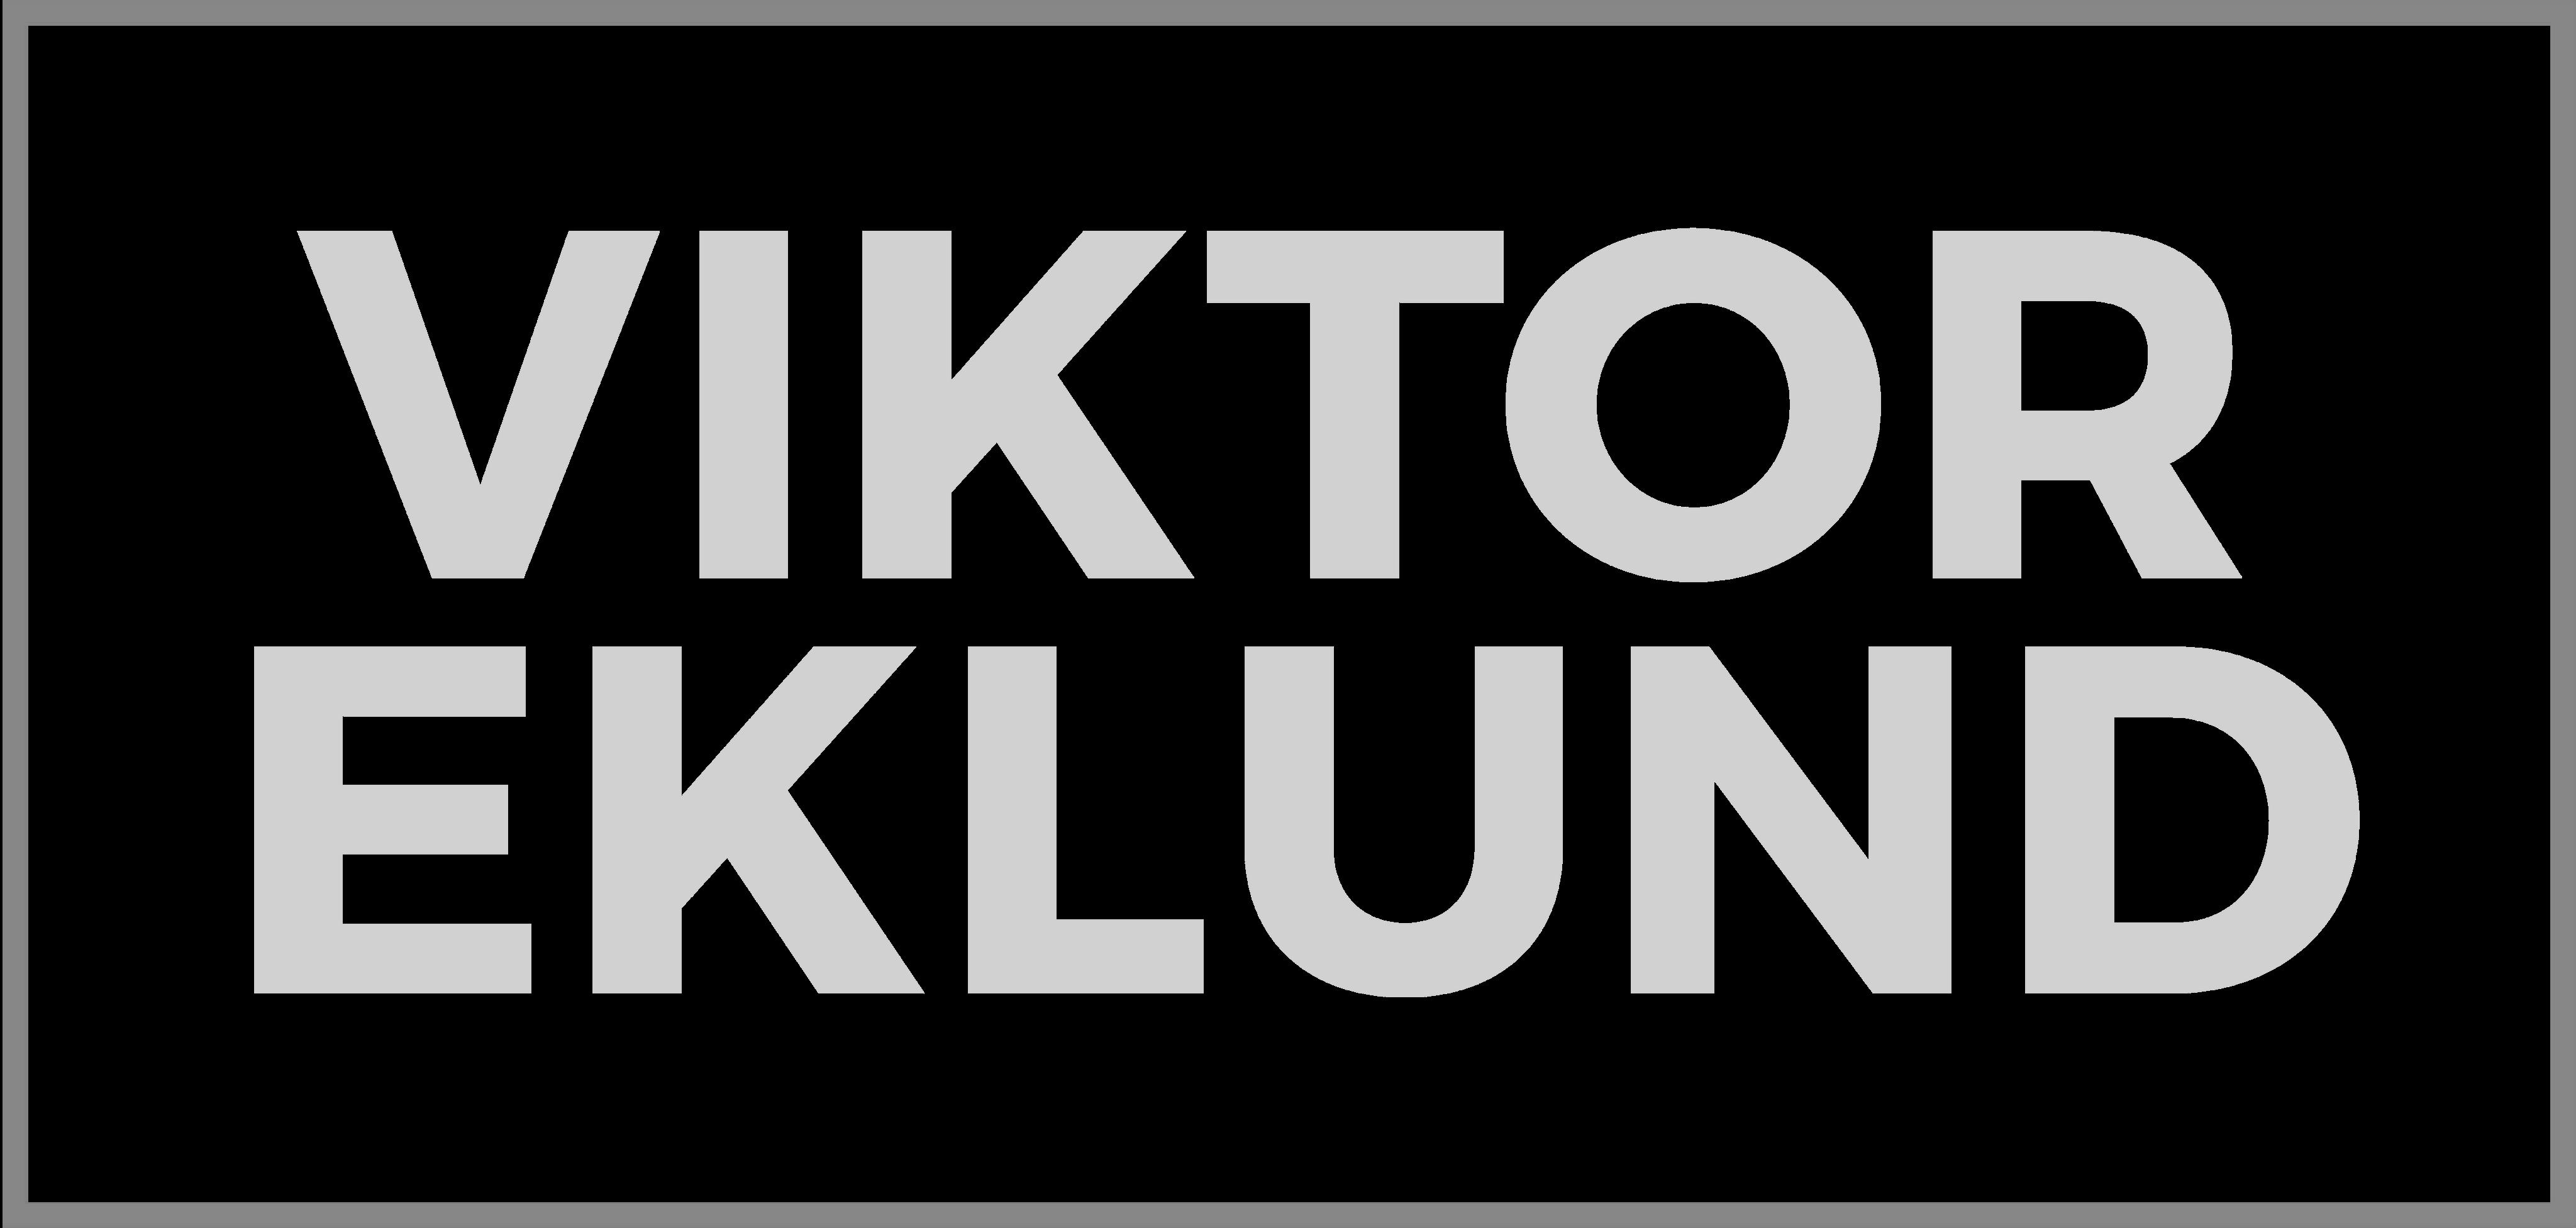 viktor eklund